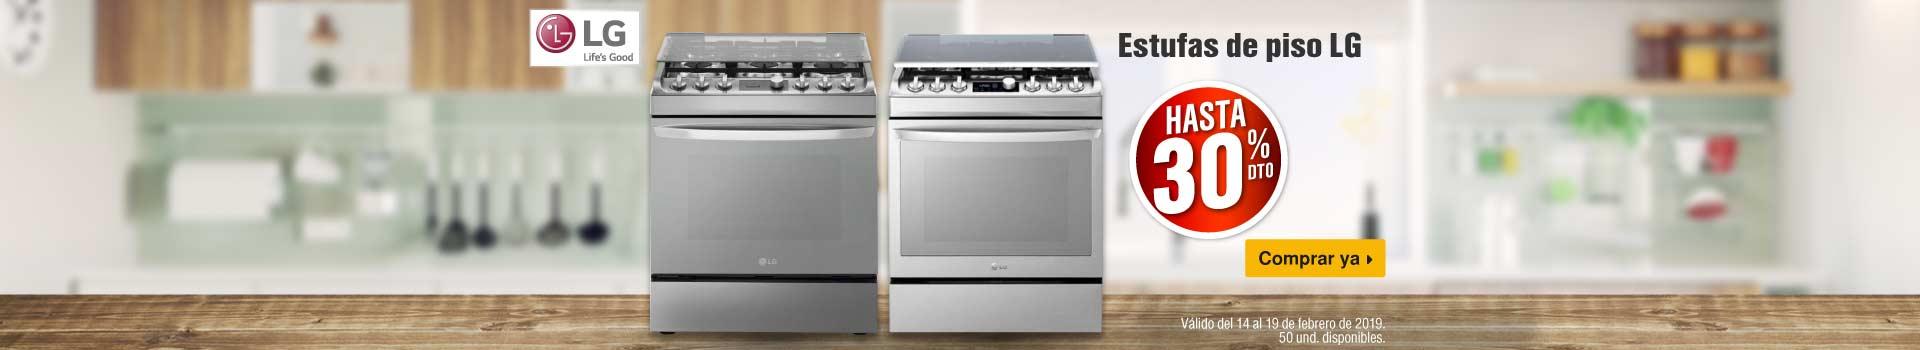 AK-KT-mayores-2-ELECT-BCAT-cocina-150219